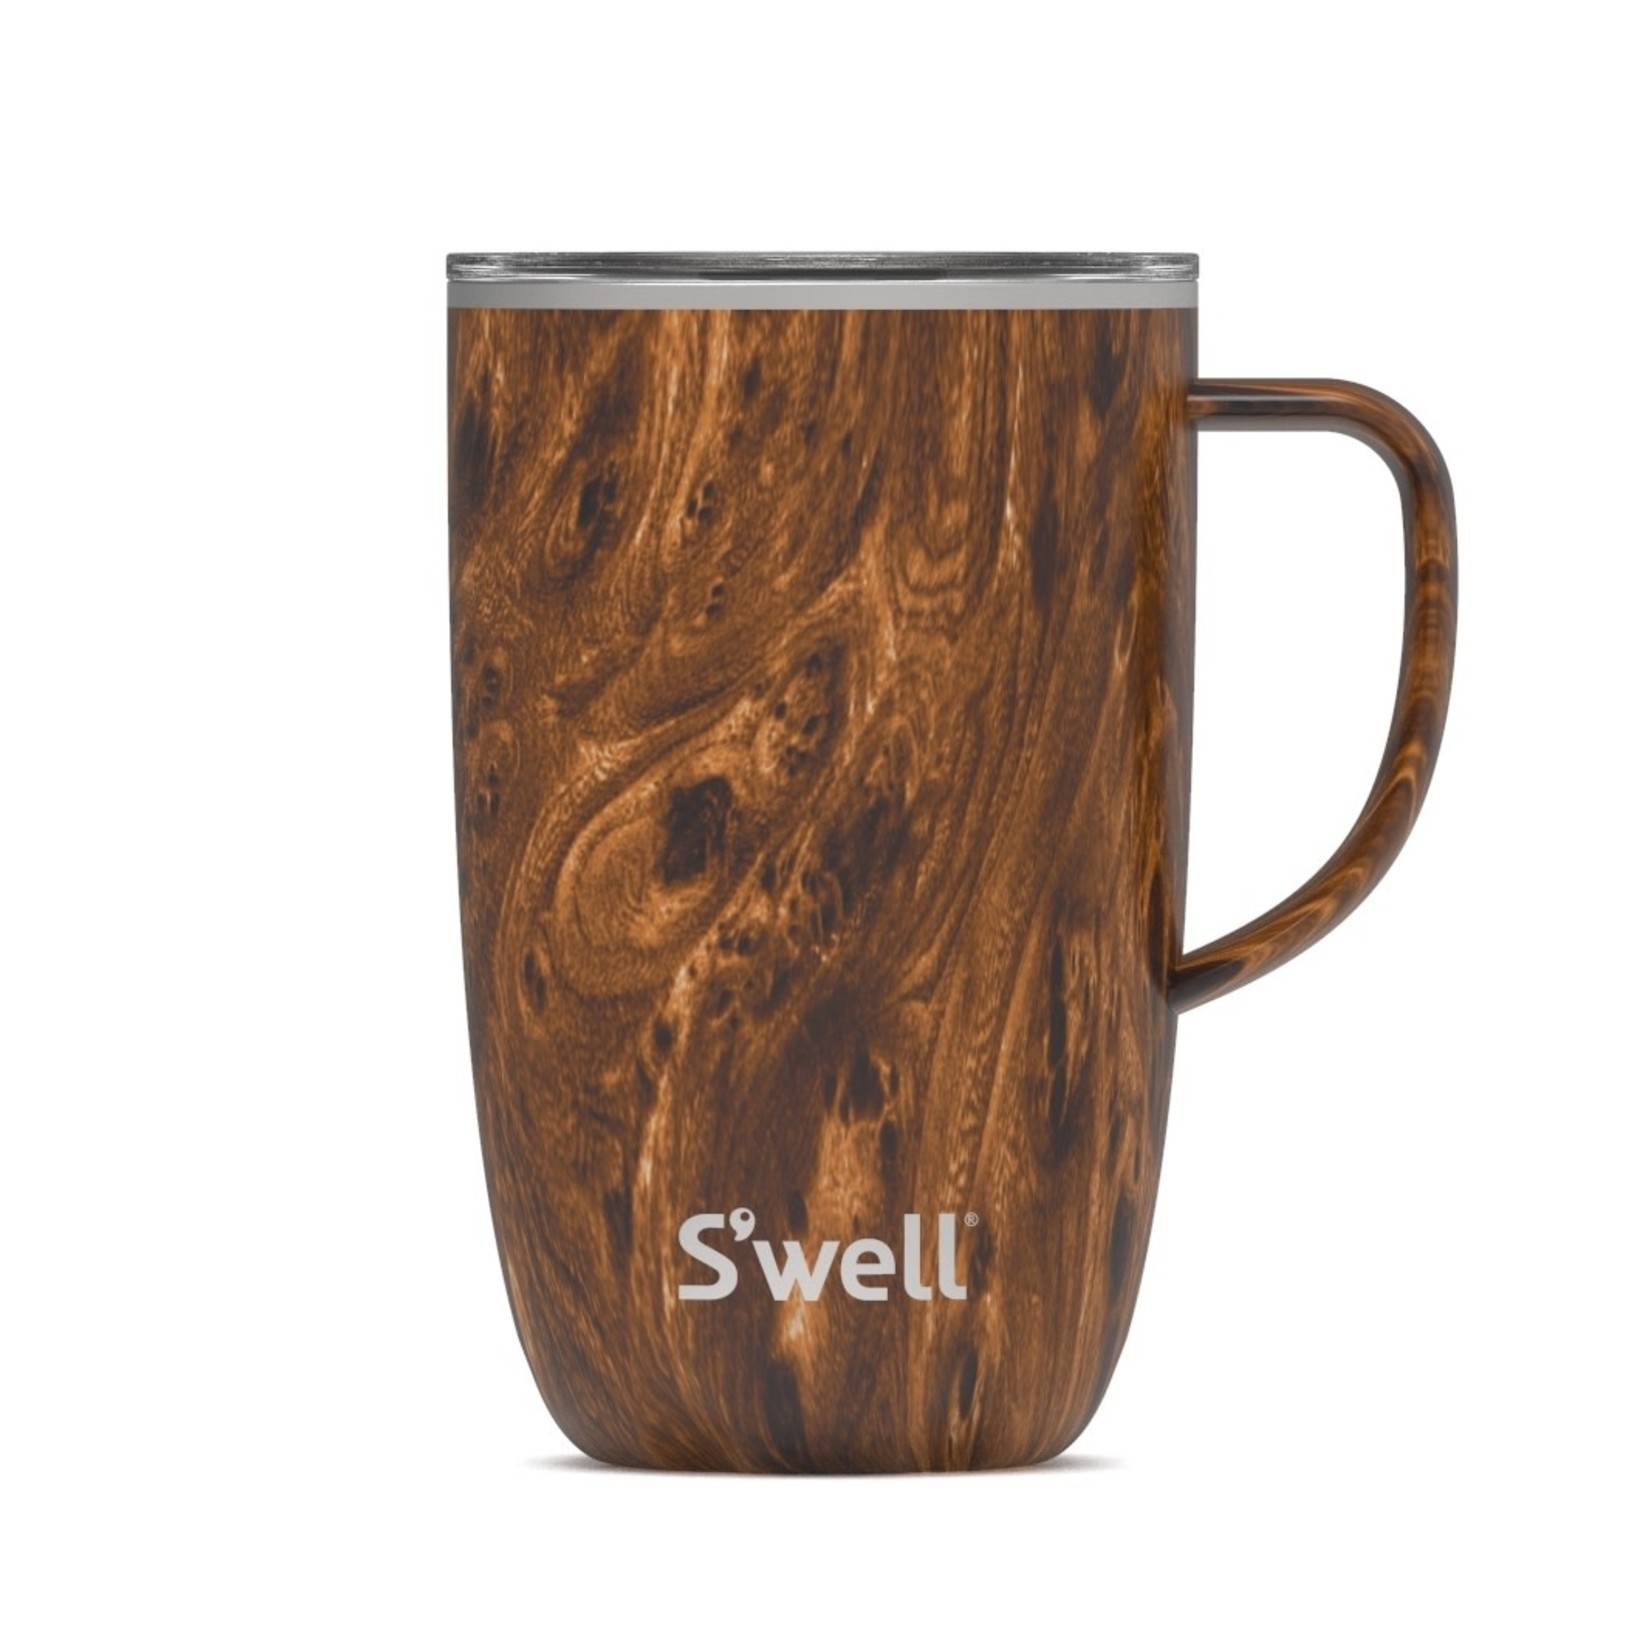 S'well S'well Bottle 16oz Tumbler Mug with Handle/Lid Teakwood